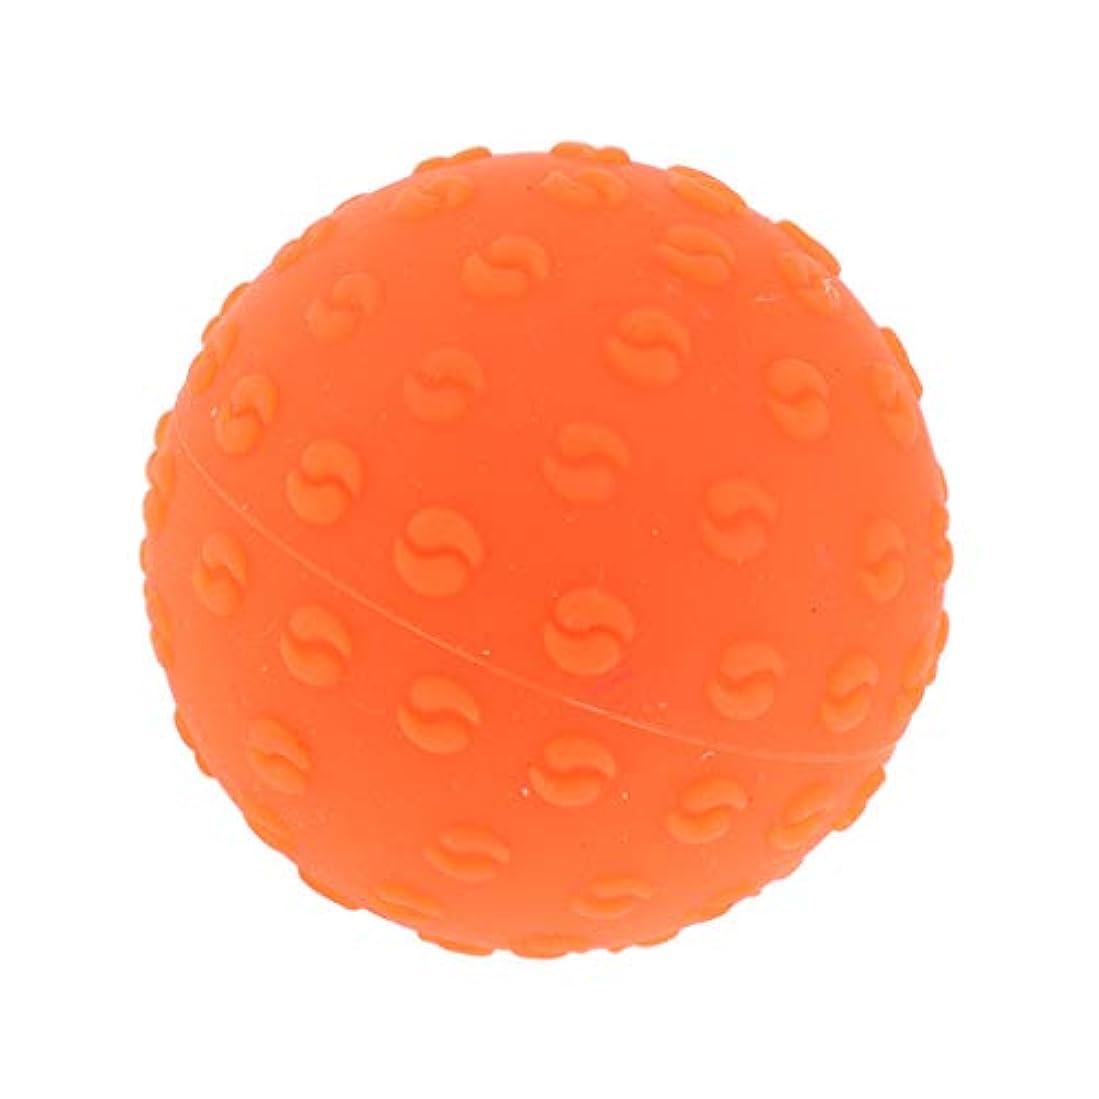 刈り取る空必要性マッサージボール 指圧ボール シリコーン トリガーポイント 足底筋膜炎 ヨガ マッサージ器 全6色 - オレンジ, 説明のとおり